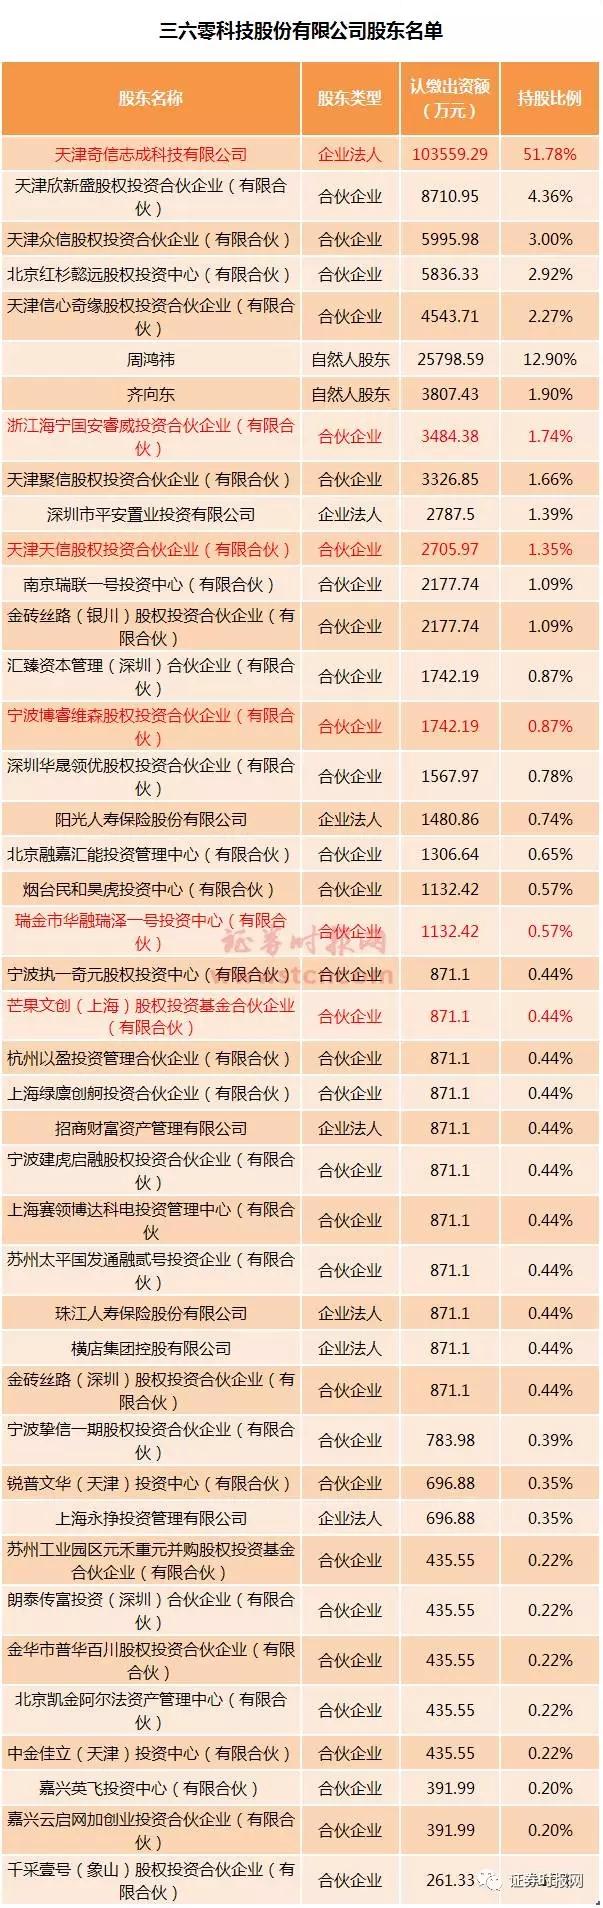 360公司距IPO又近一步 正牌概念股详解(附名单)